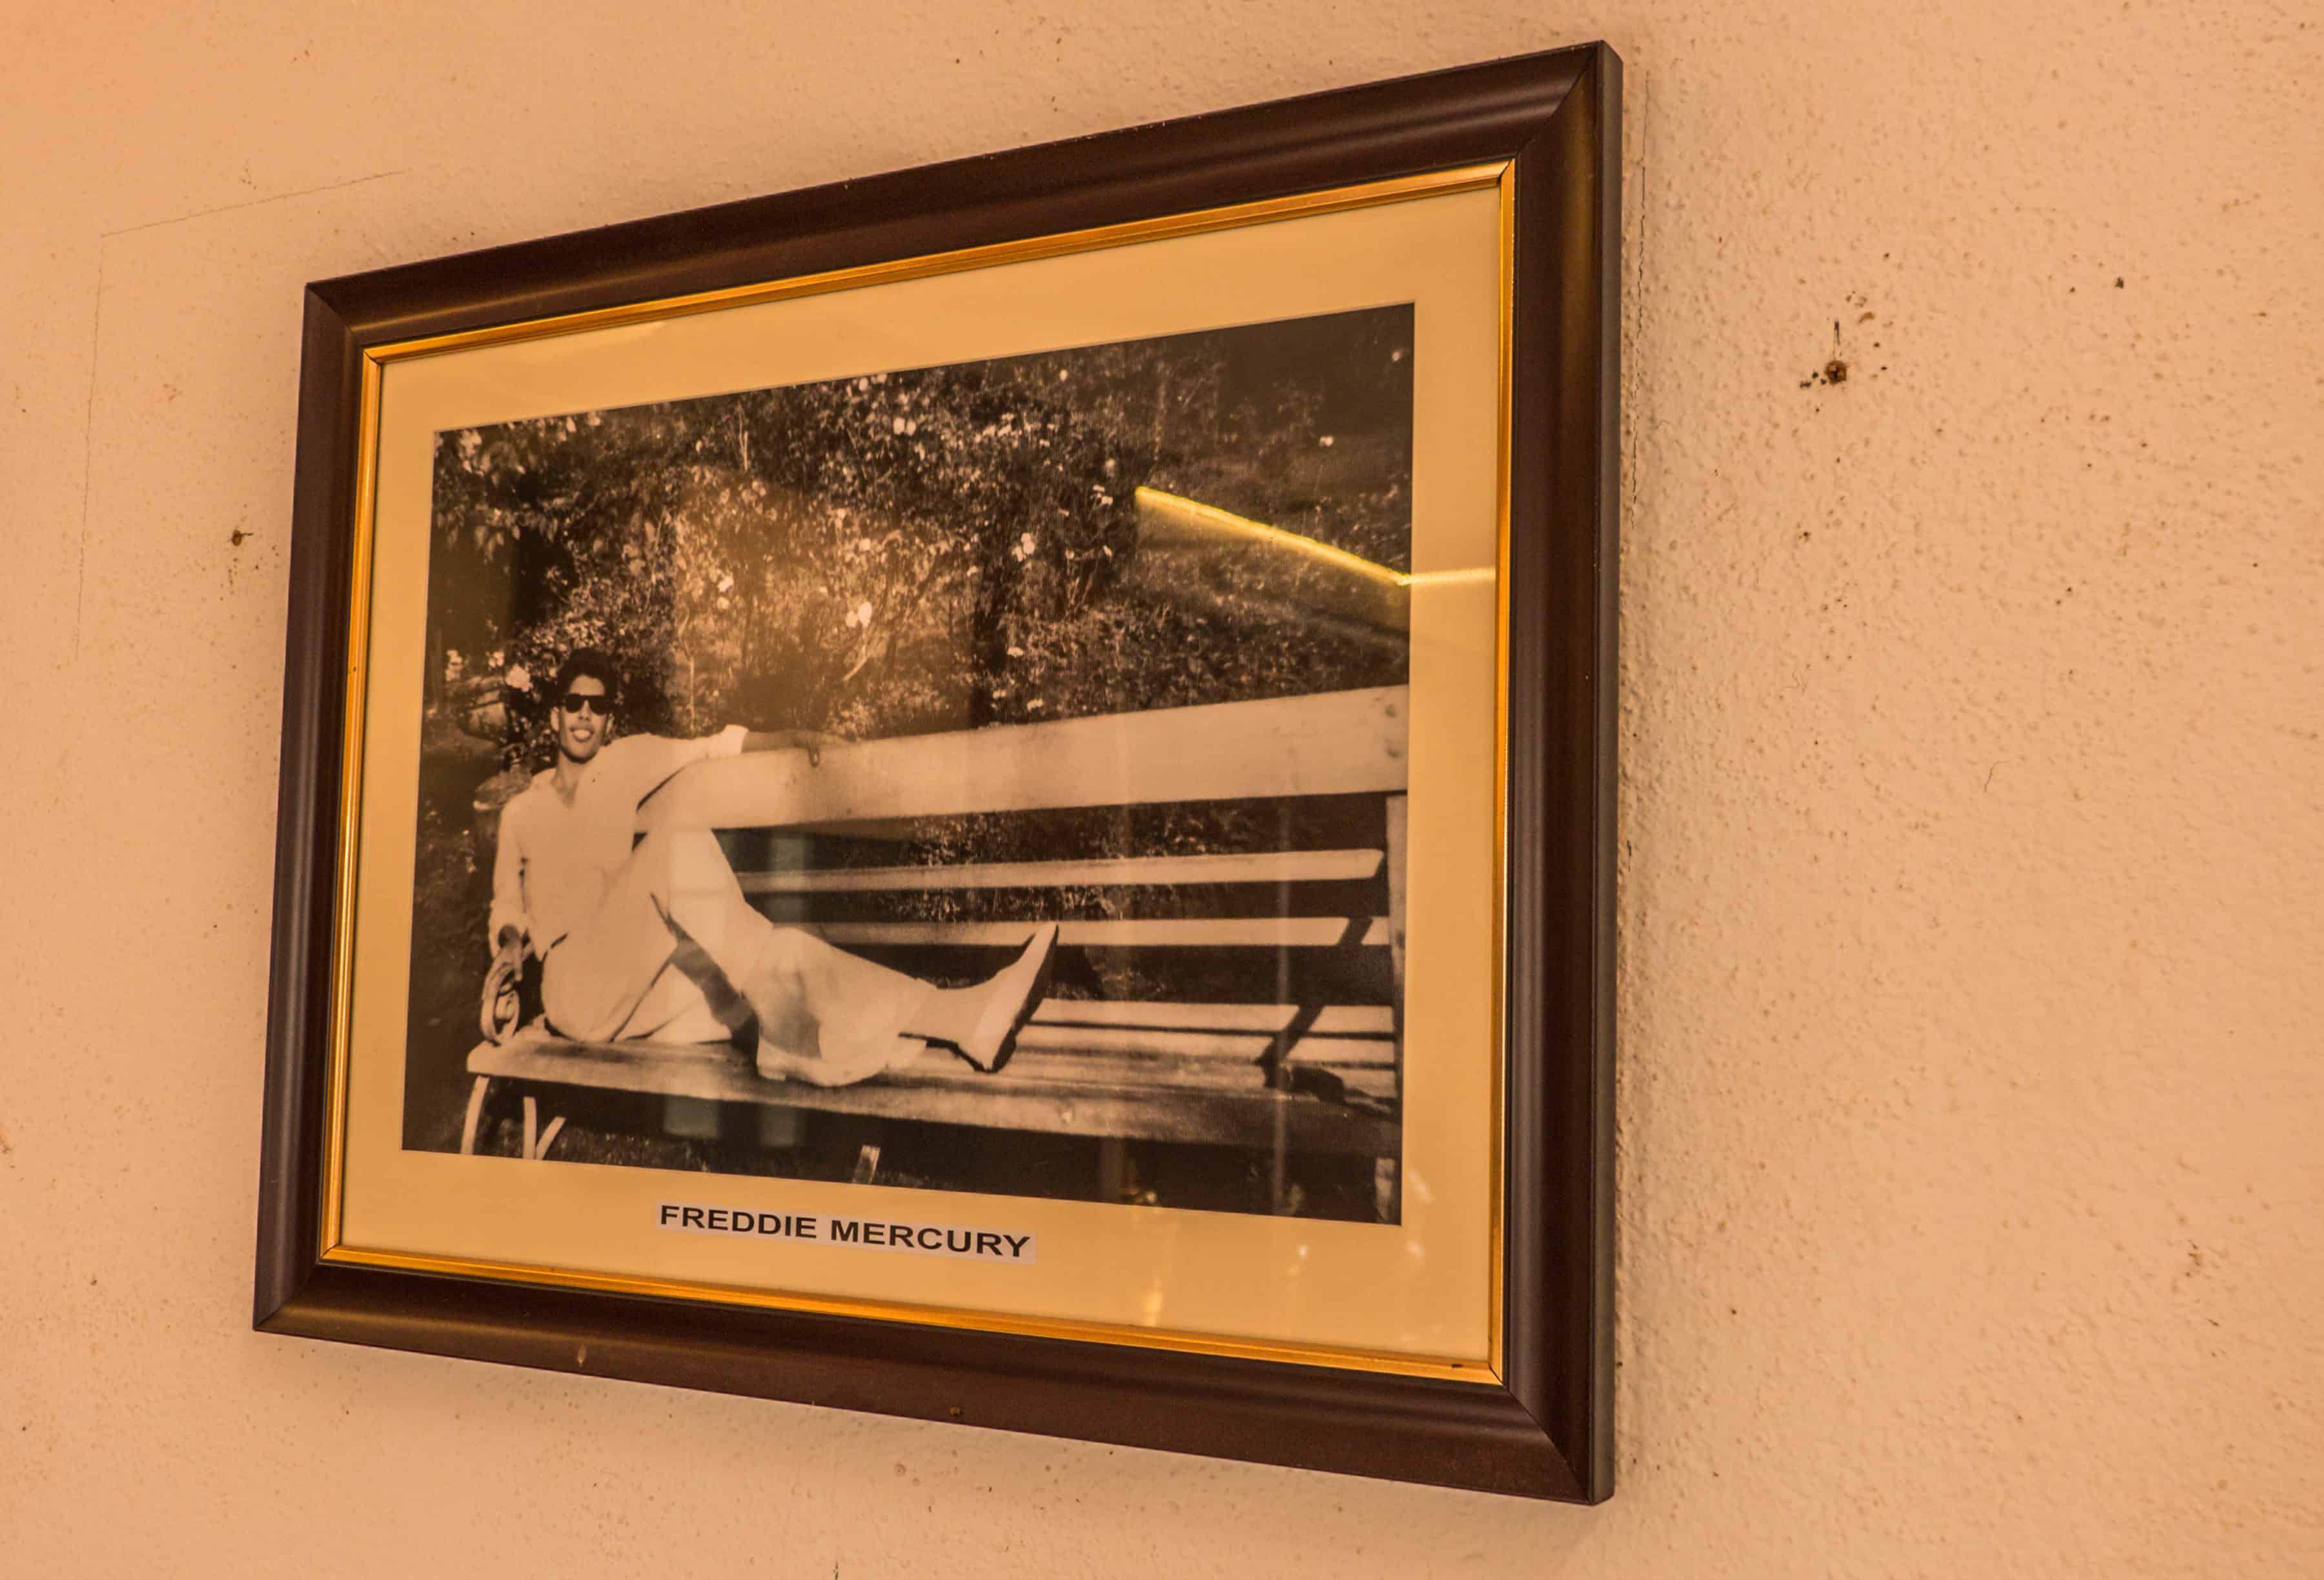 Panchgani, Freddie Mercury, Queen